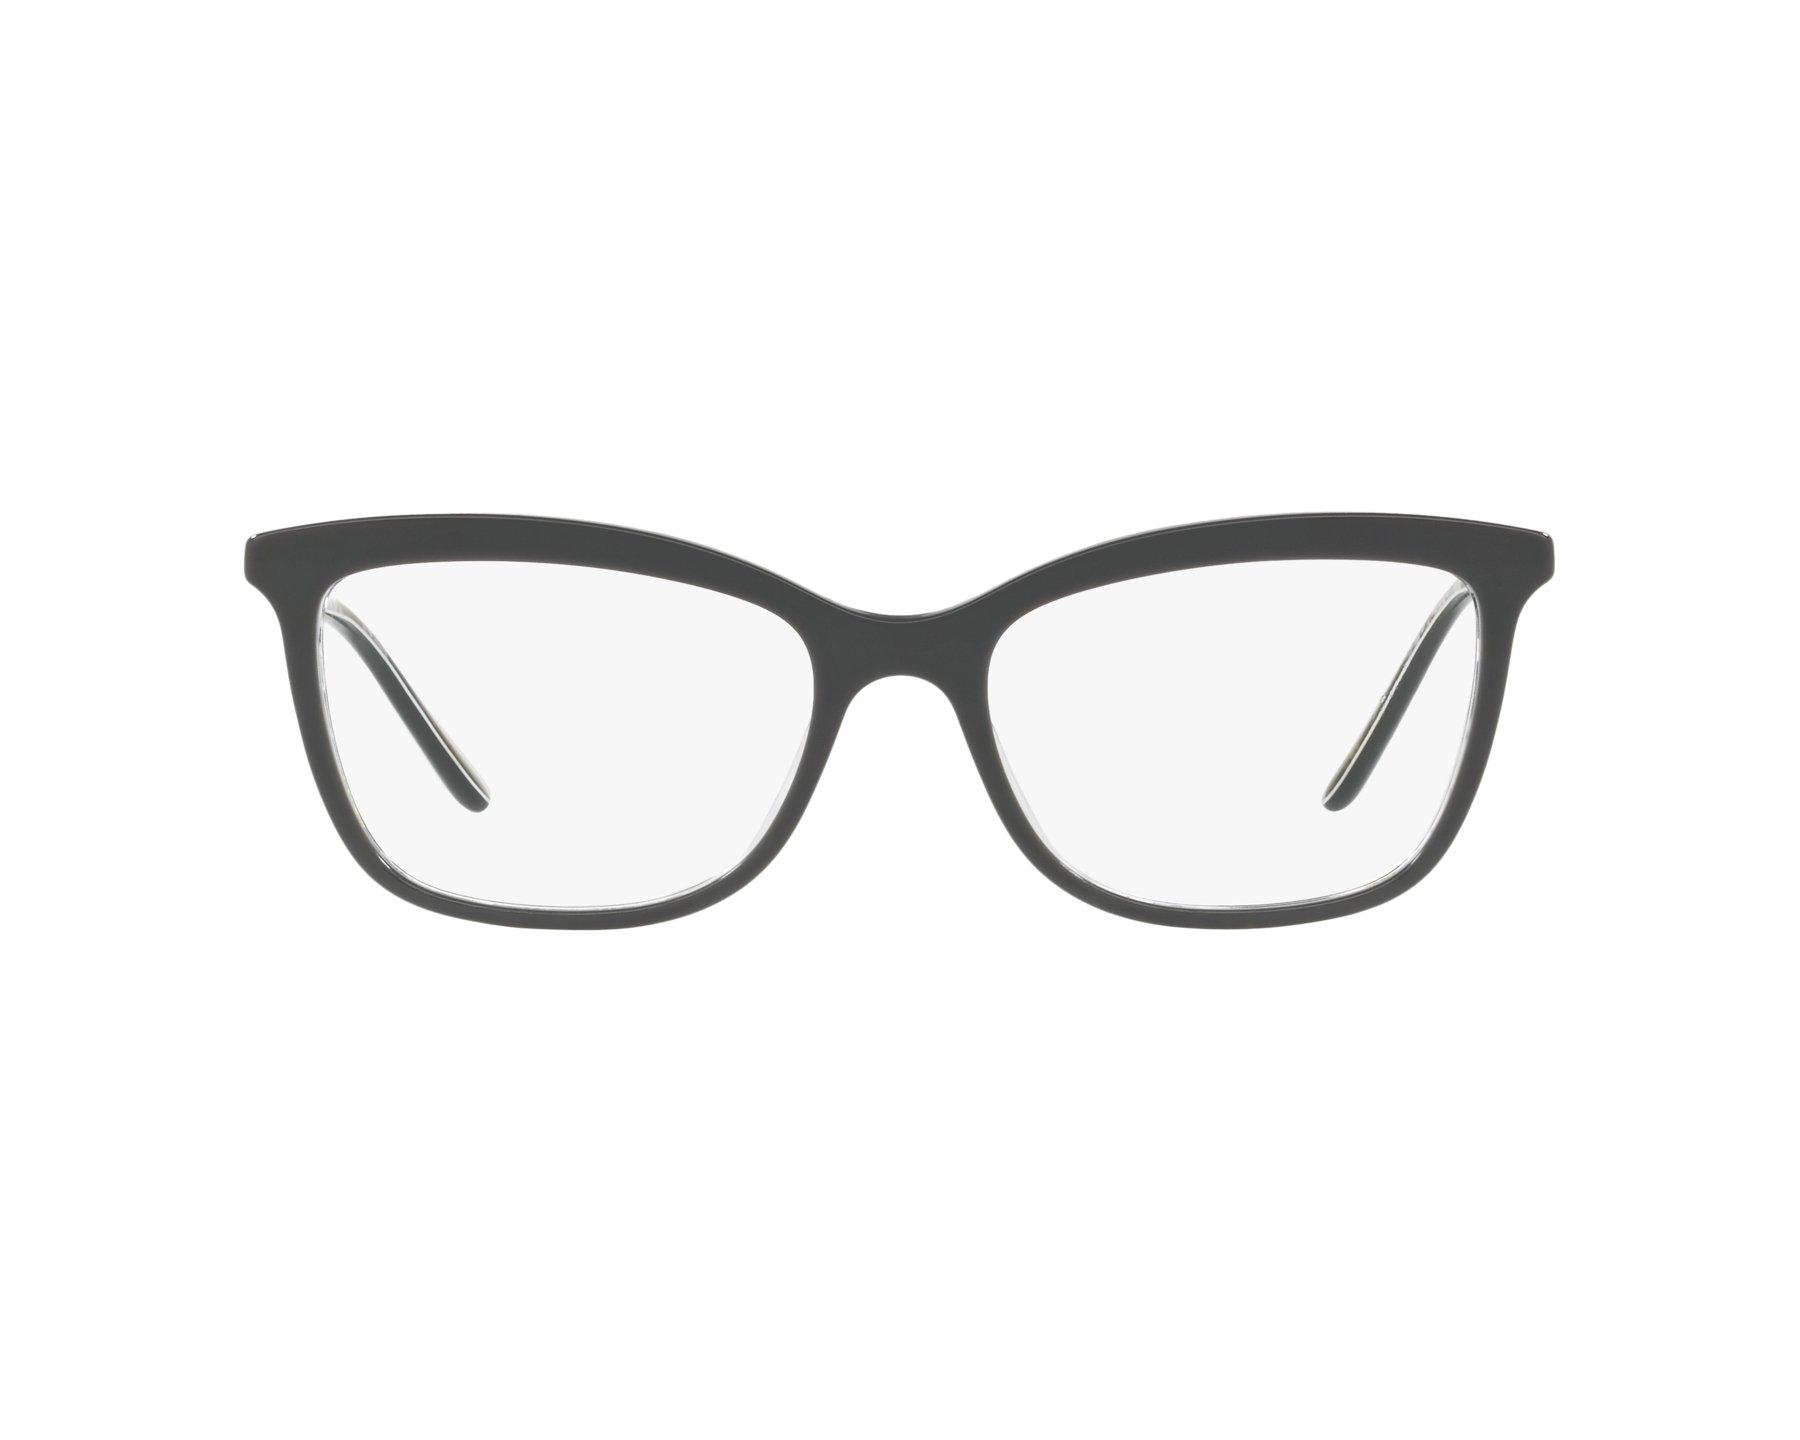 dolce gabbana brille dg 3286 3151 grau visionet. Black Bedroom Furniture Sets. Home Design Ideas